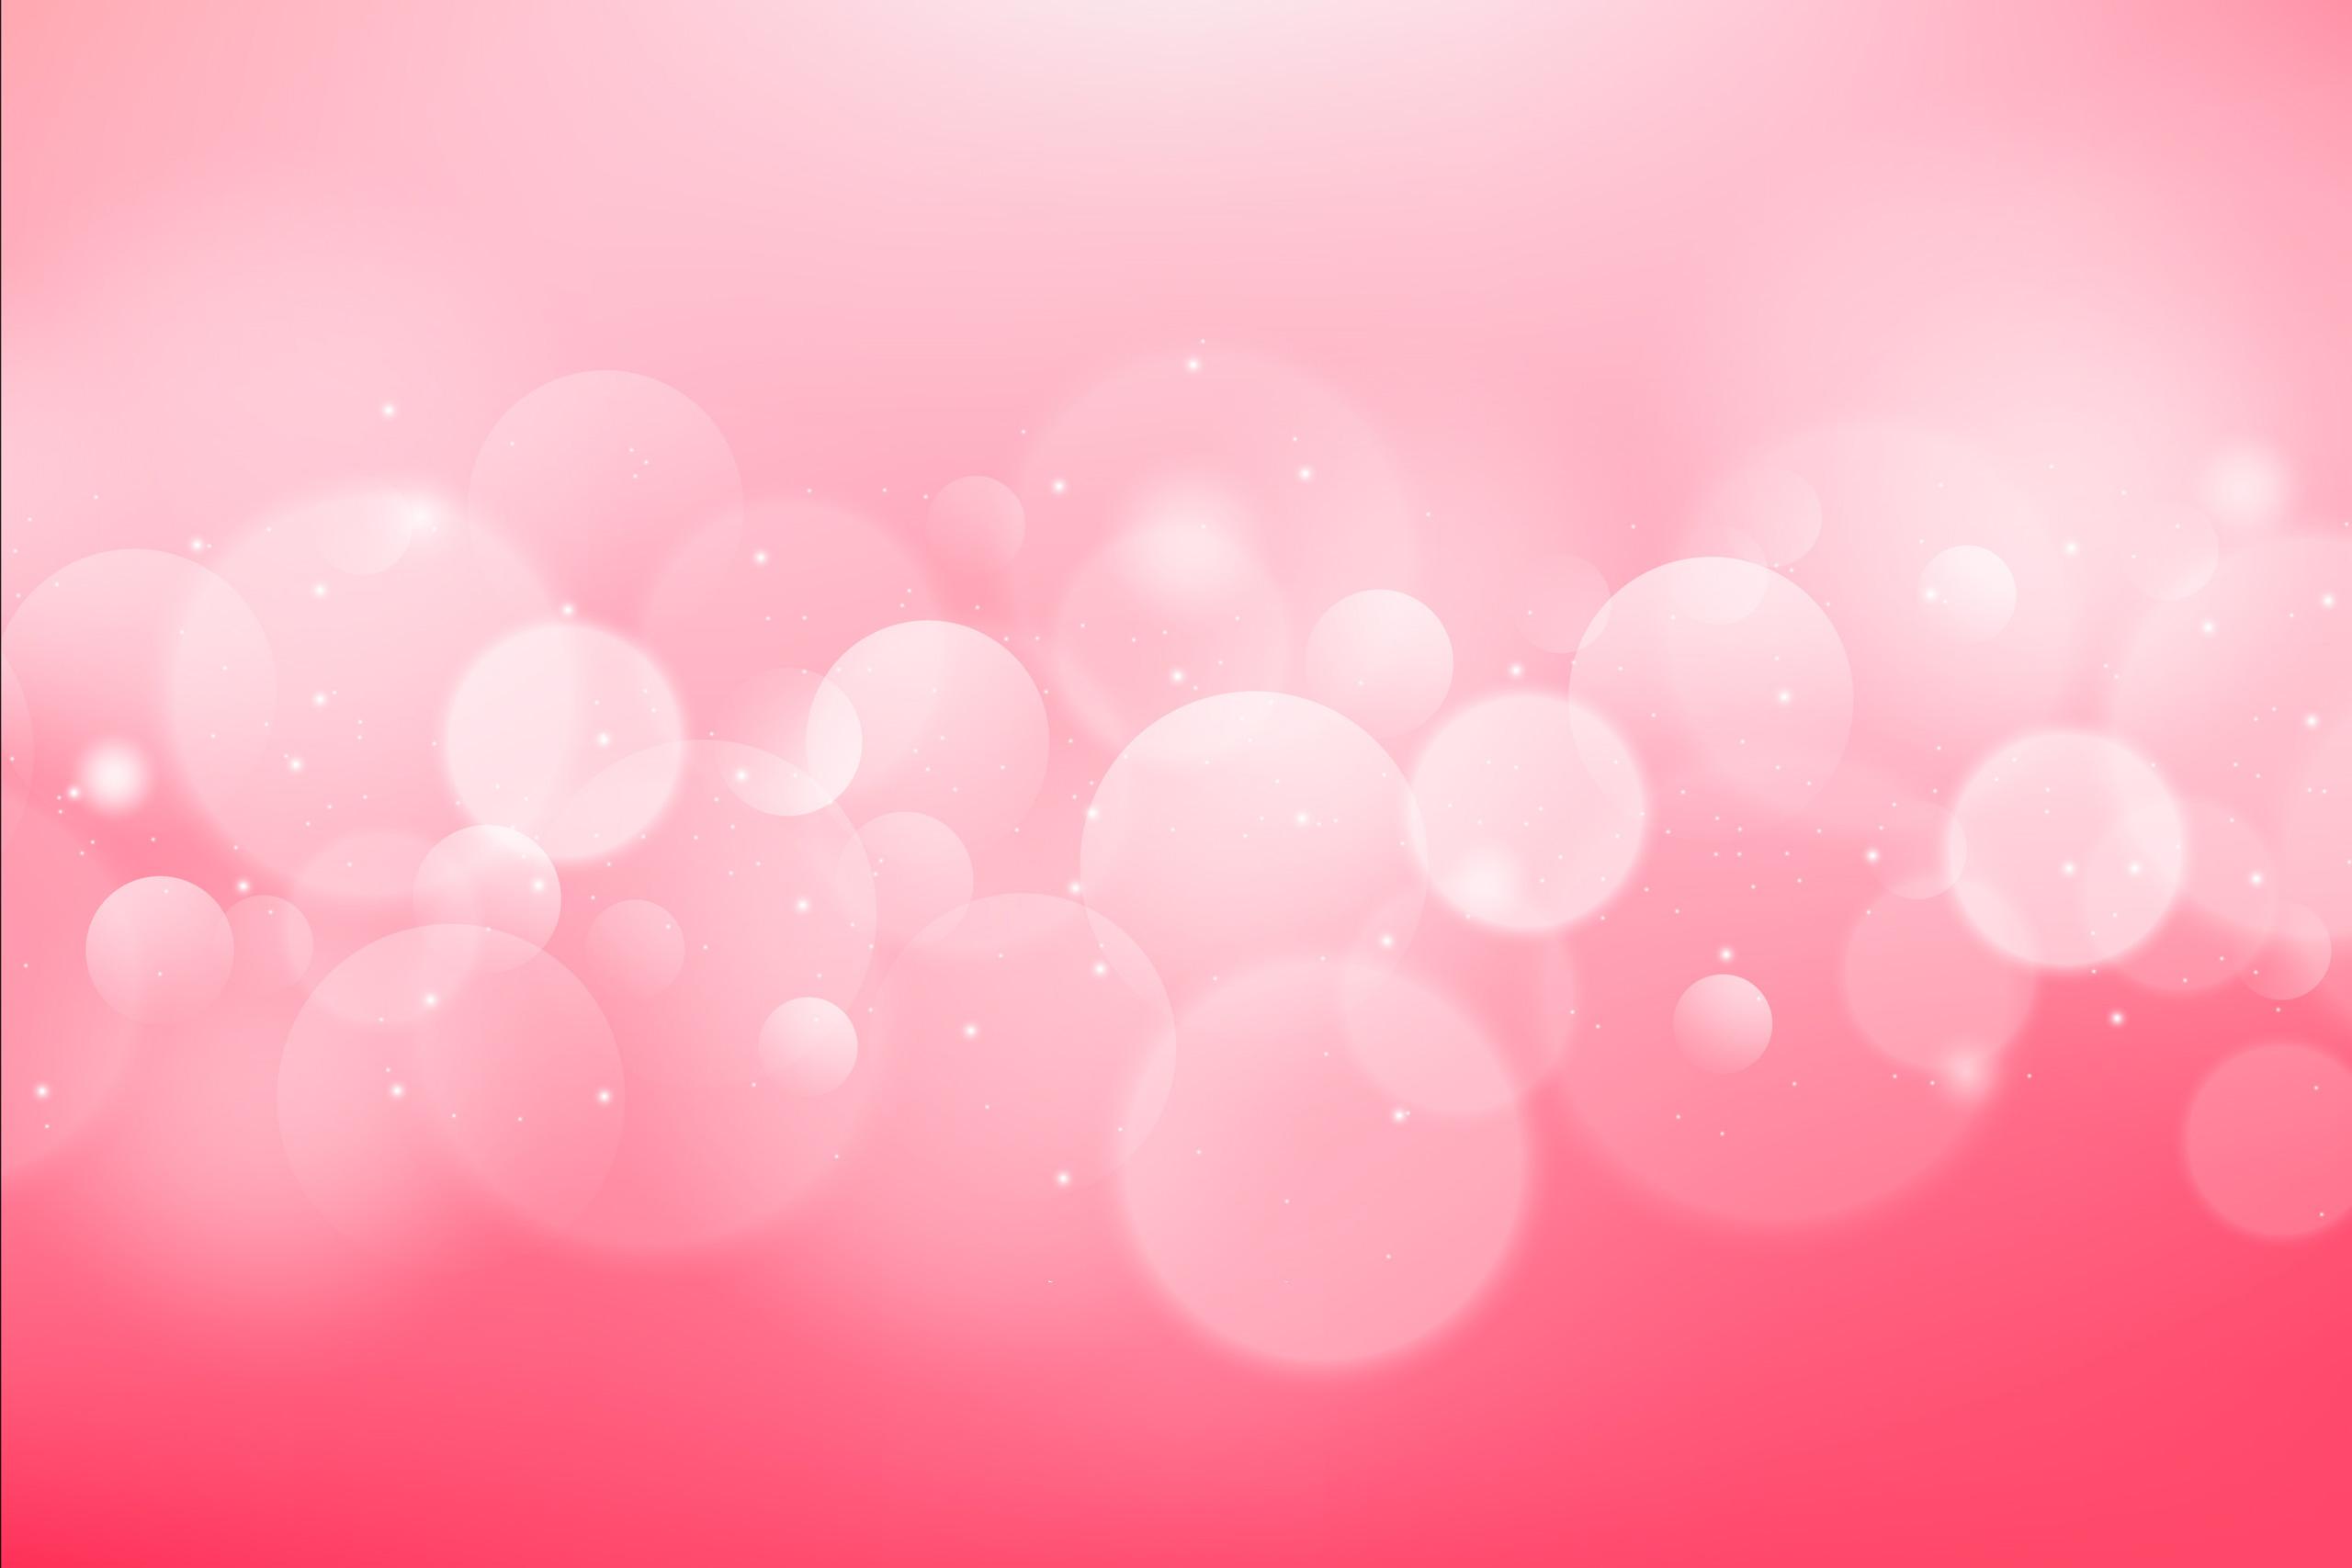 Картинка нежный розовый фон для фотошопа с круглым шариками эффекта Боке.